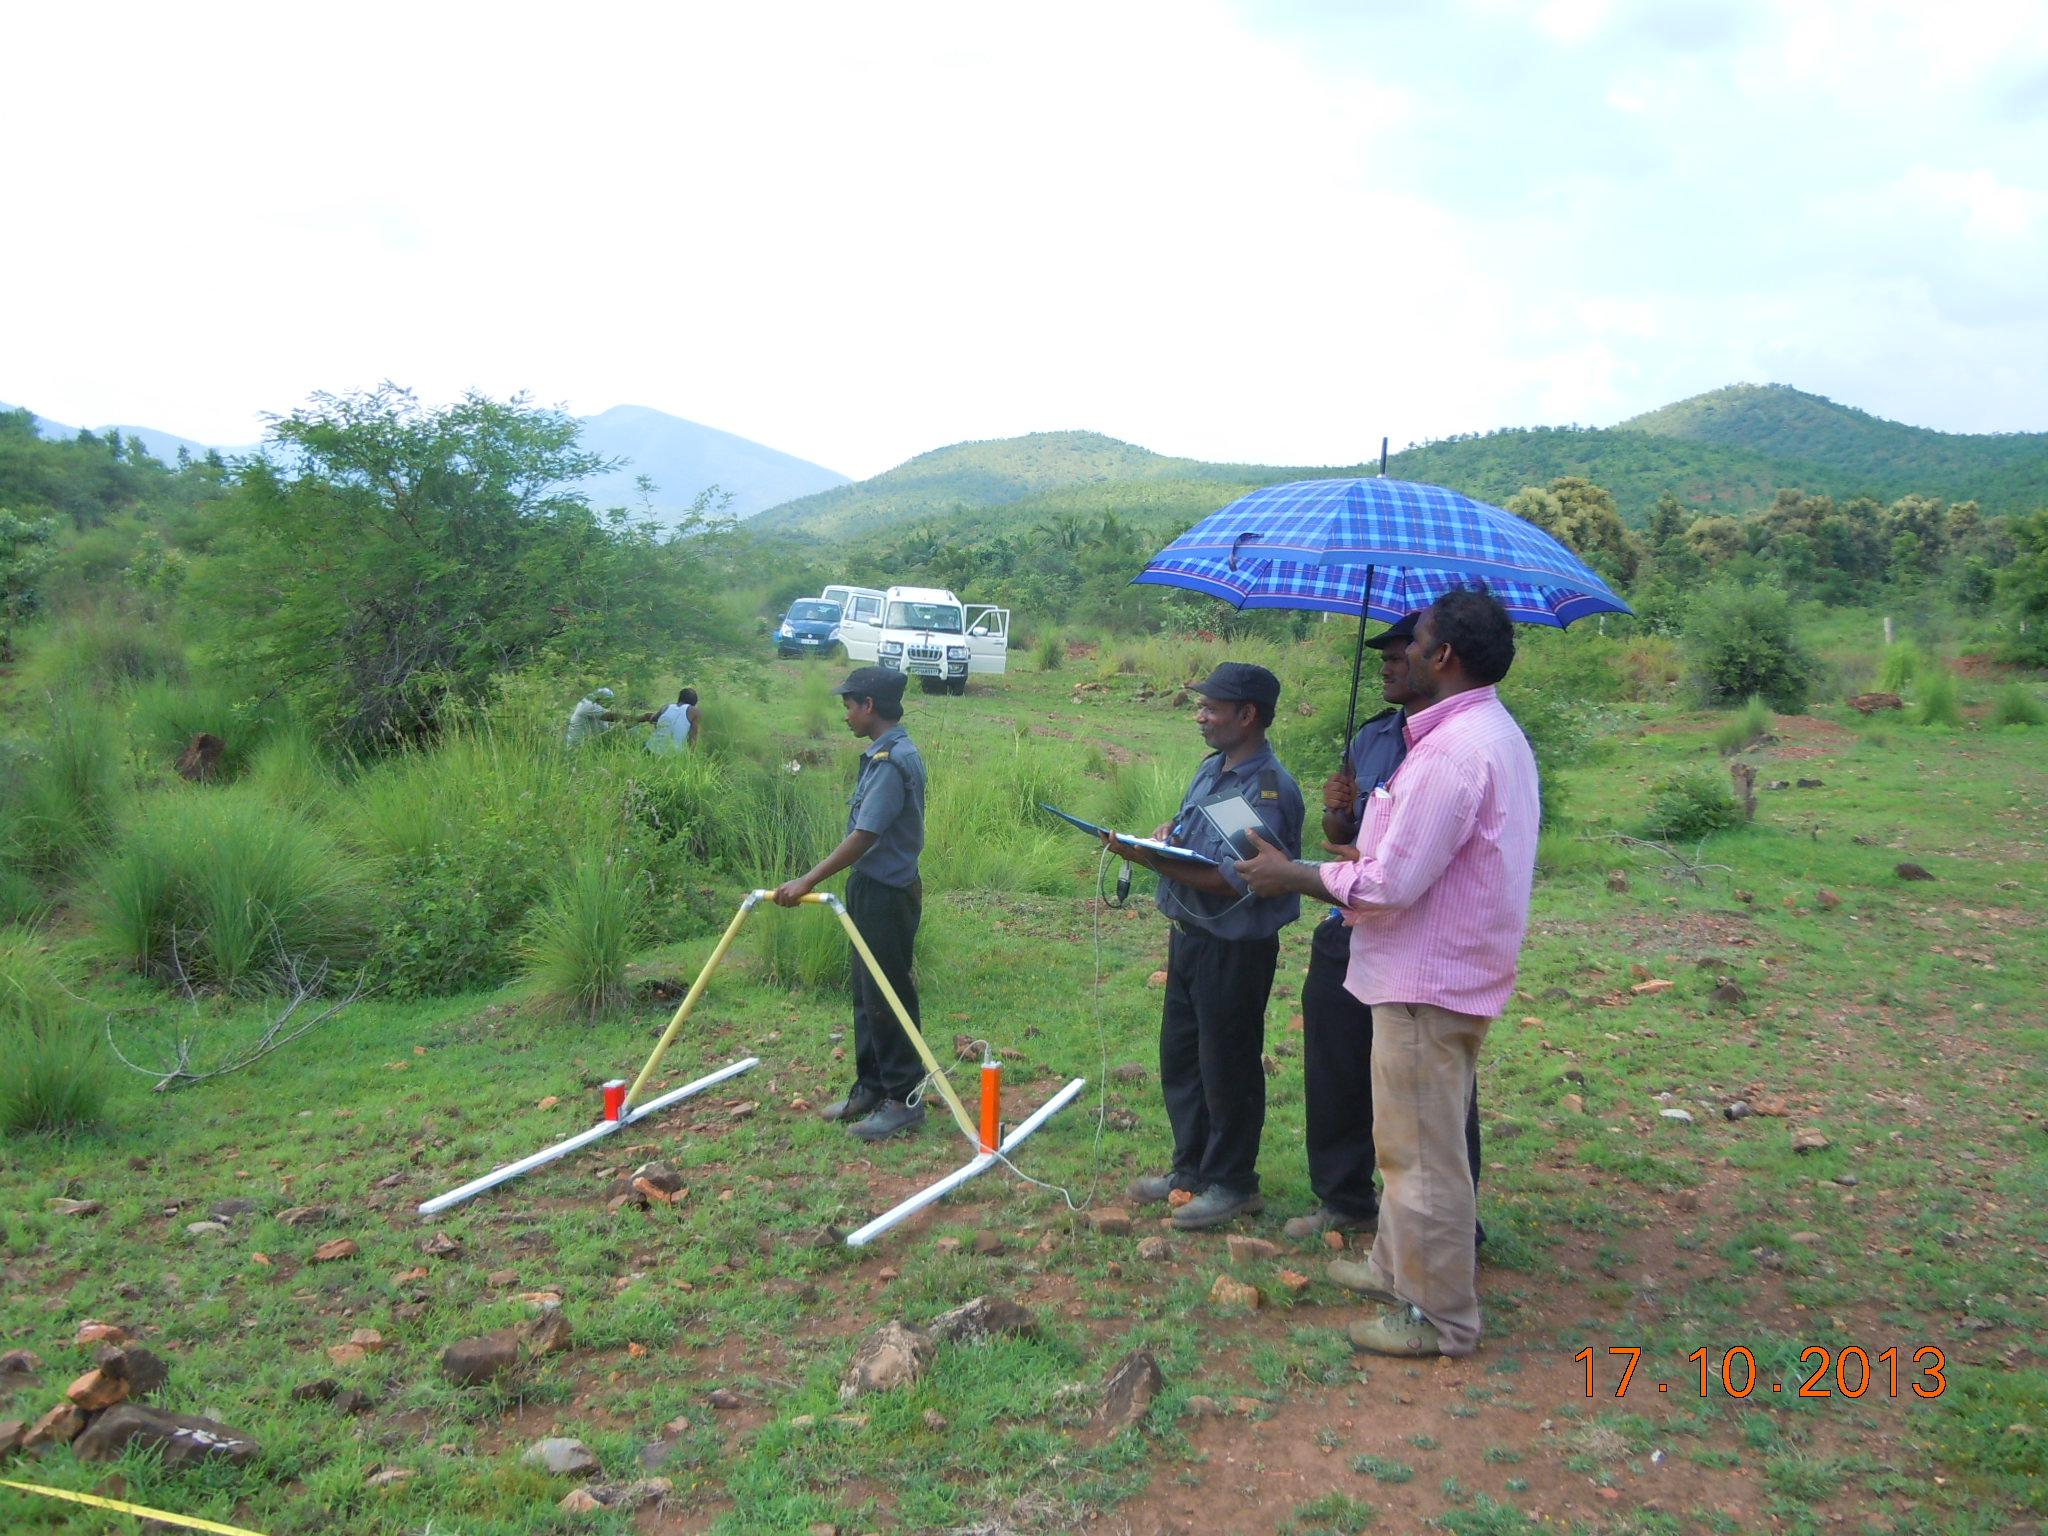 Обследование с георадаром ГРОТ 12 вызывает интерес.